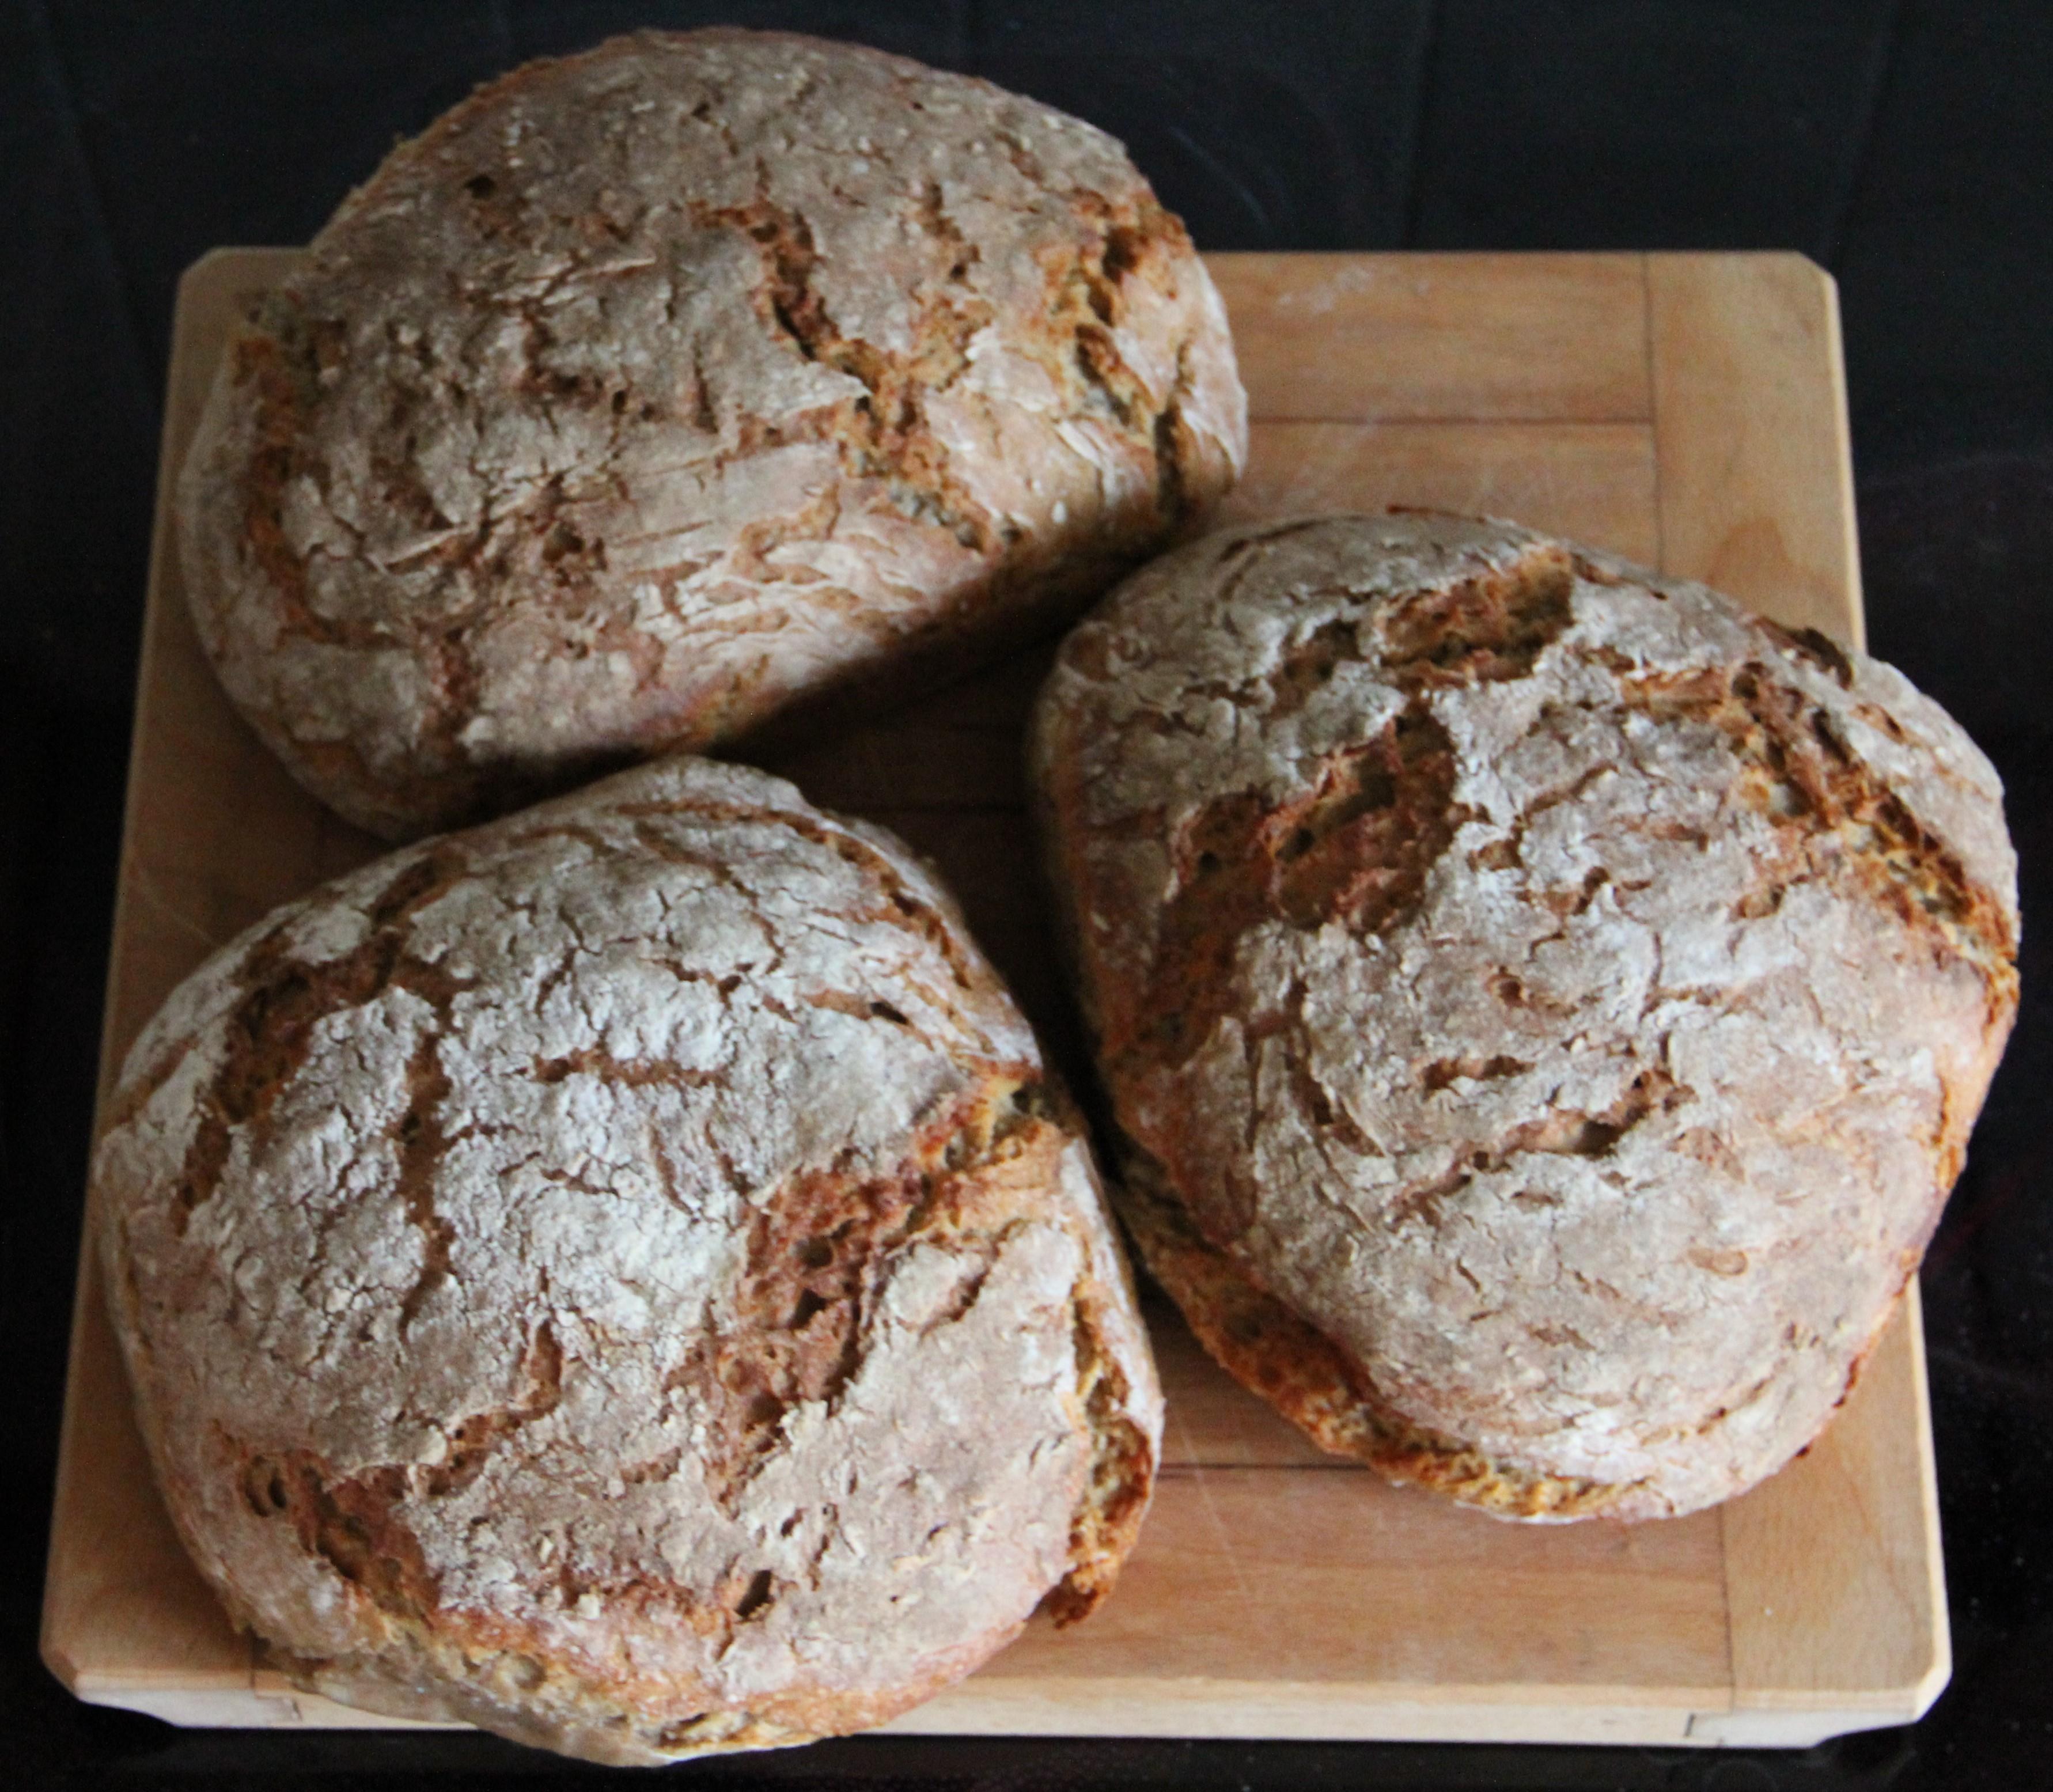 Matigt rågbröd med tydlig smak av surdeg och råg – Bröd&Kvarn